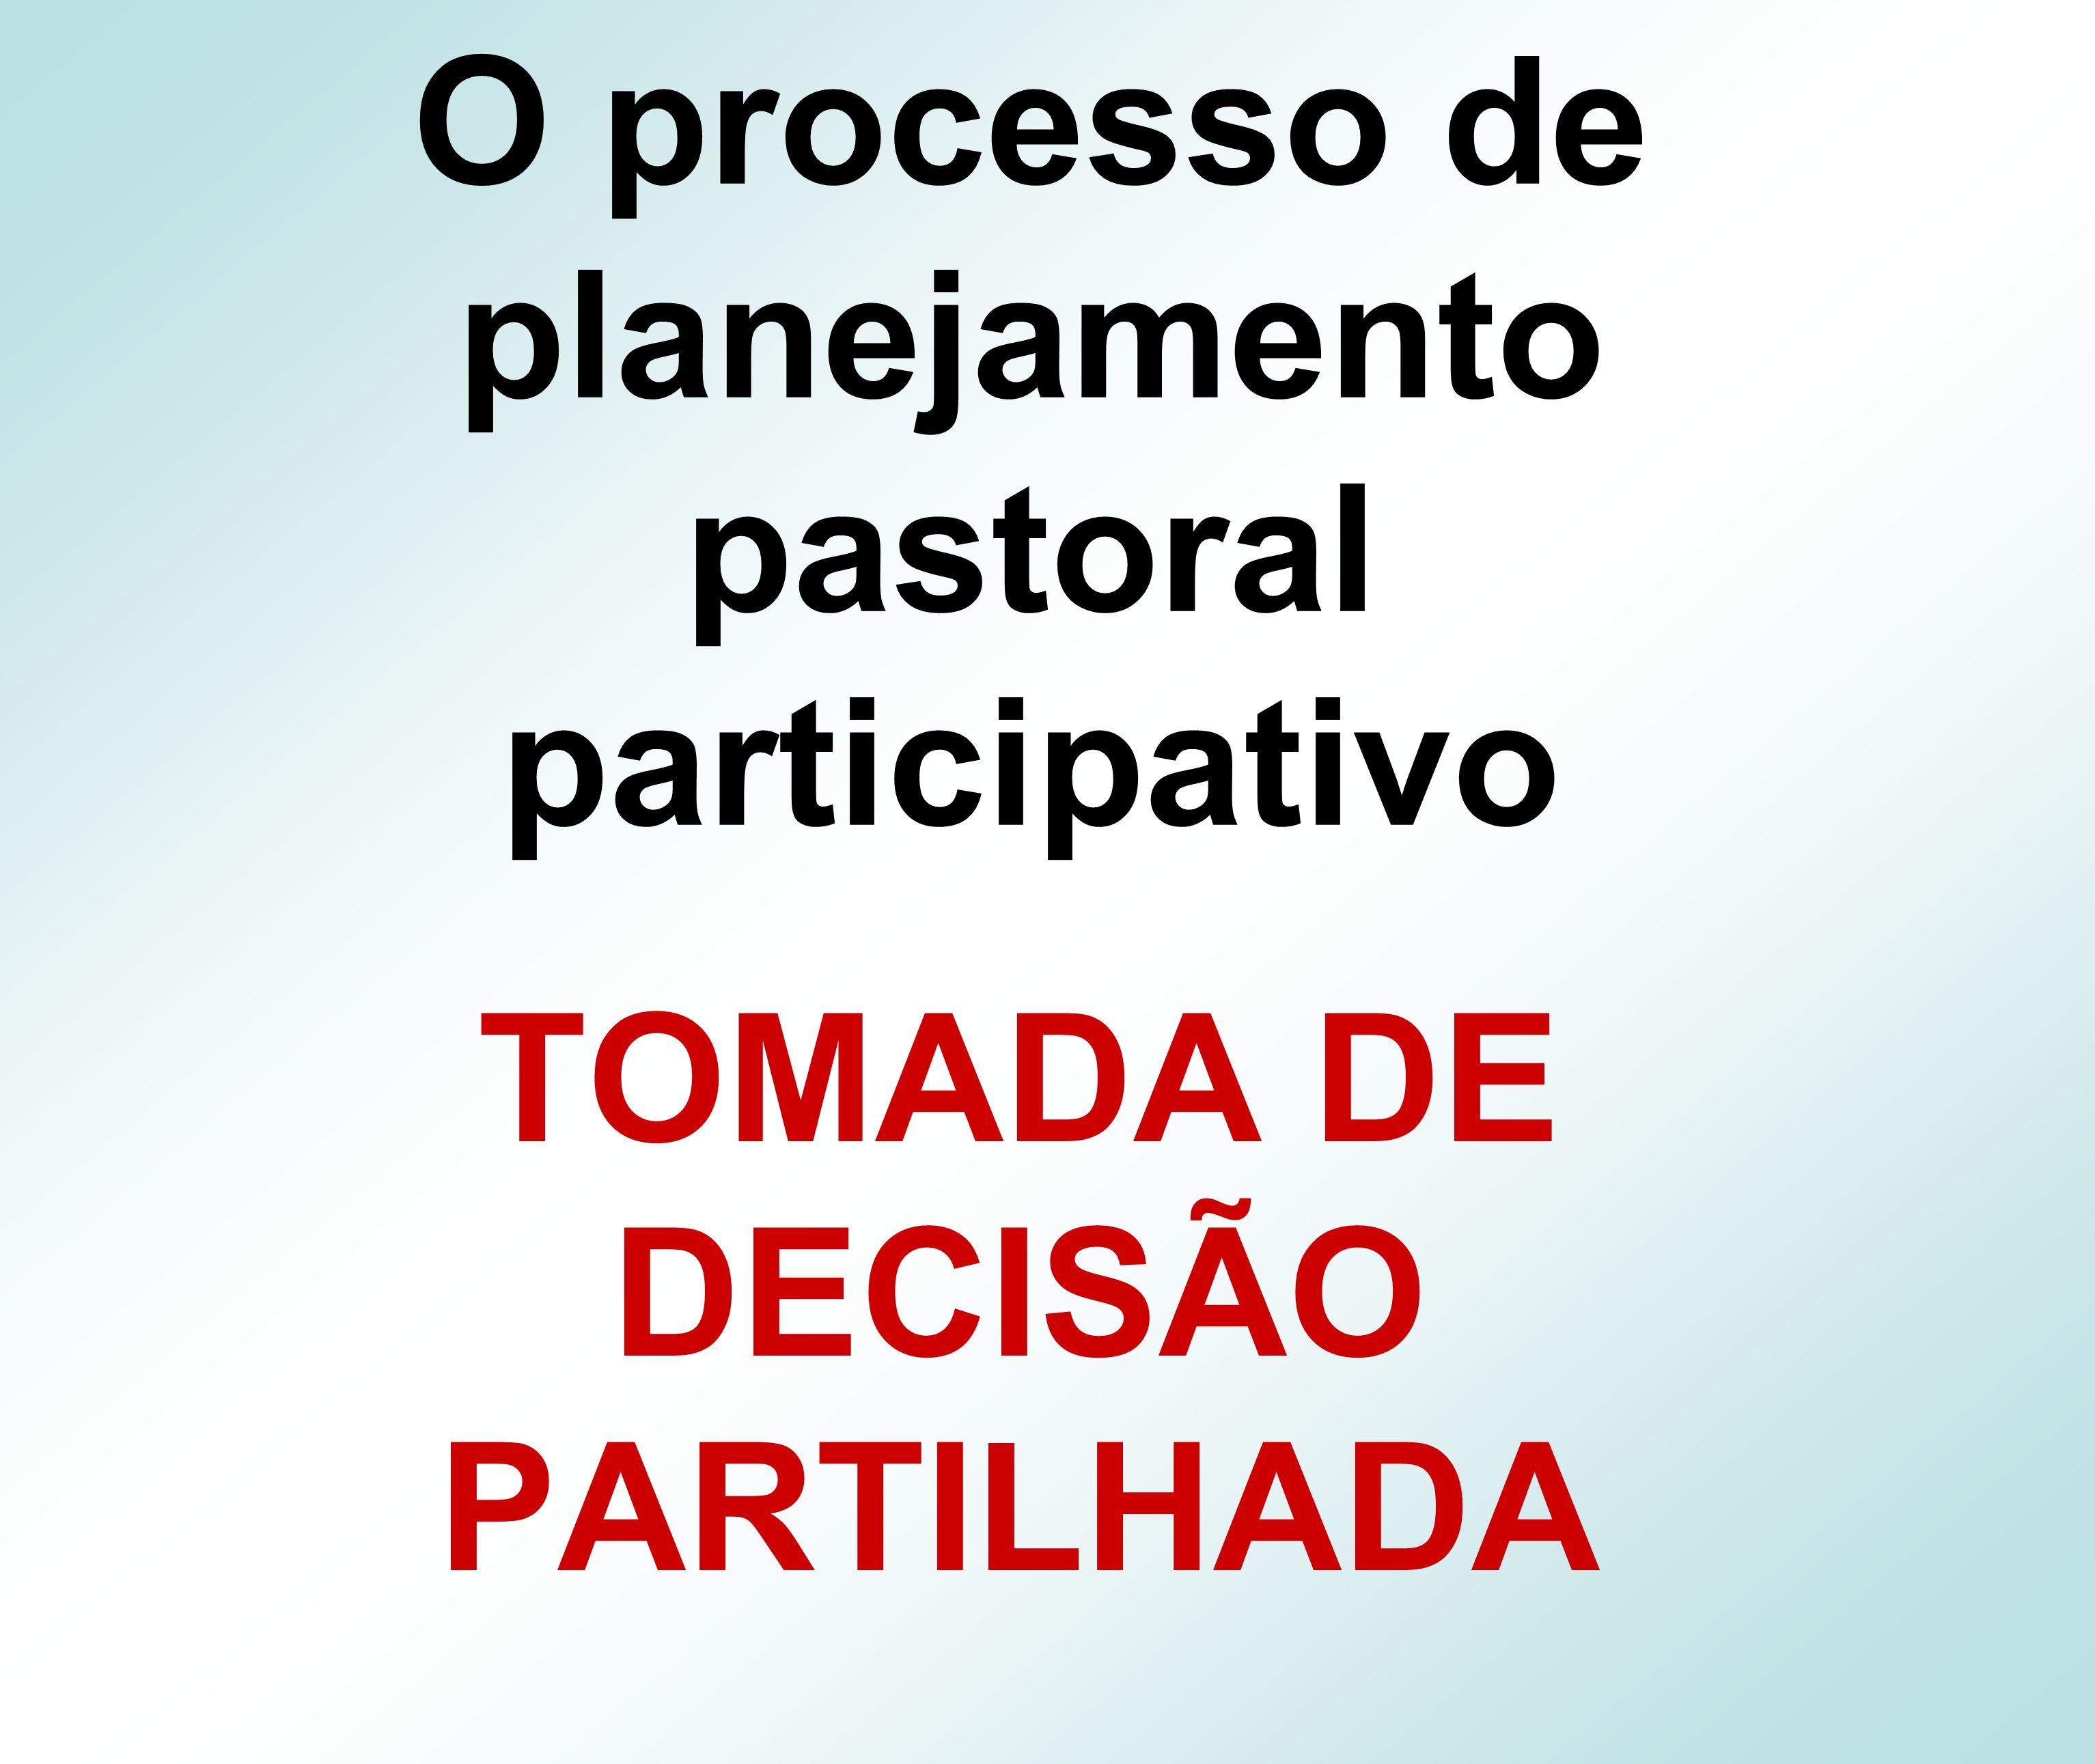 O processo de planejamento pastoral participativo TOMADA DE DECISÃO PARTILHADA